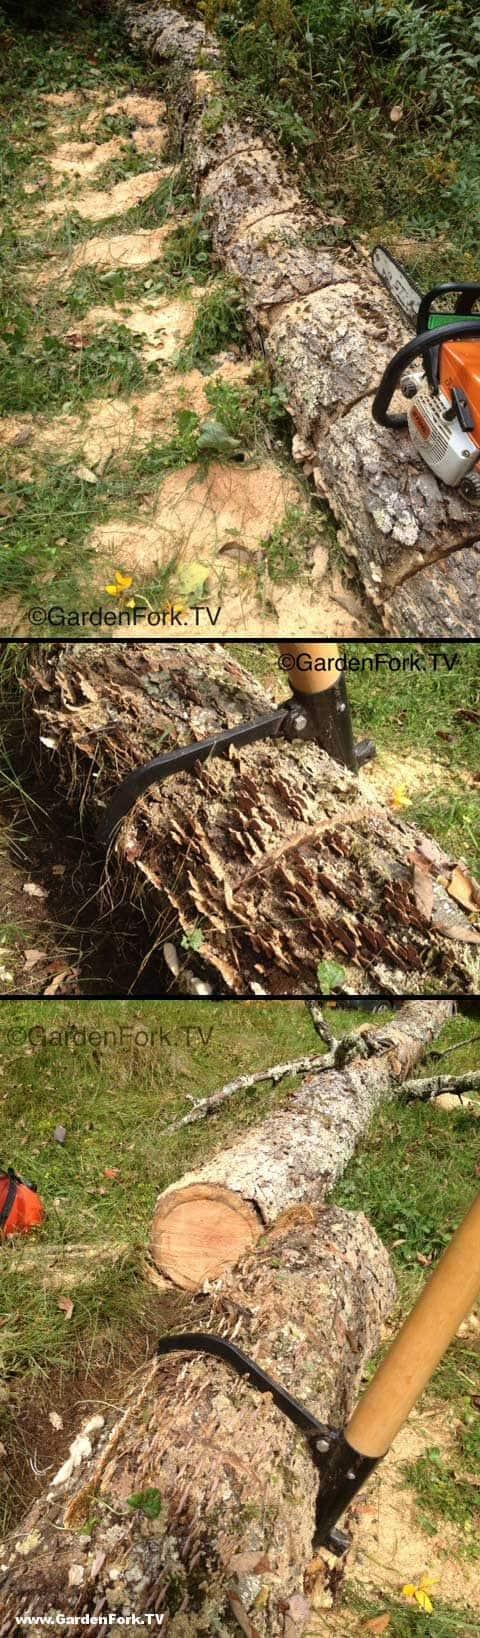 chainsaw-cutting-firewood